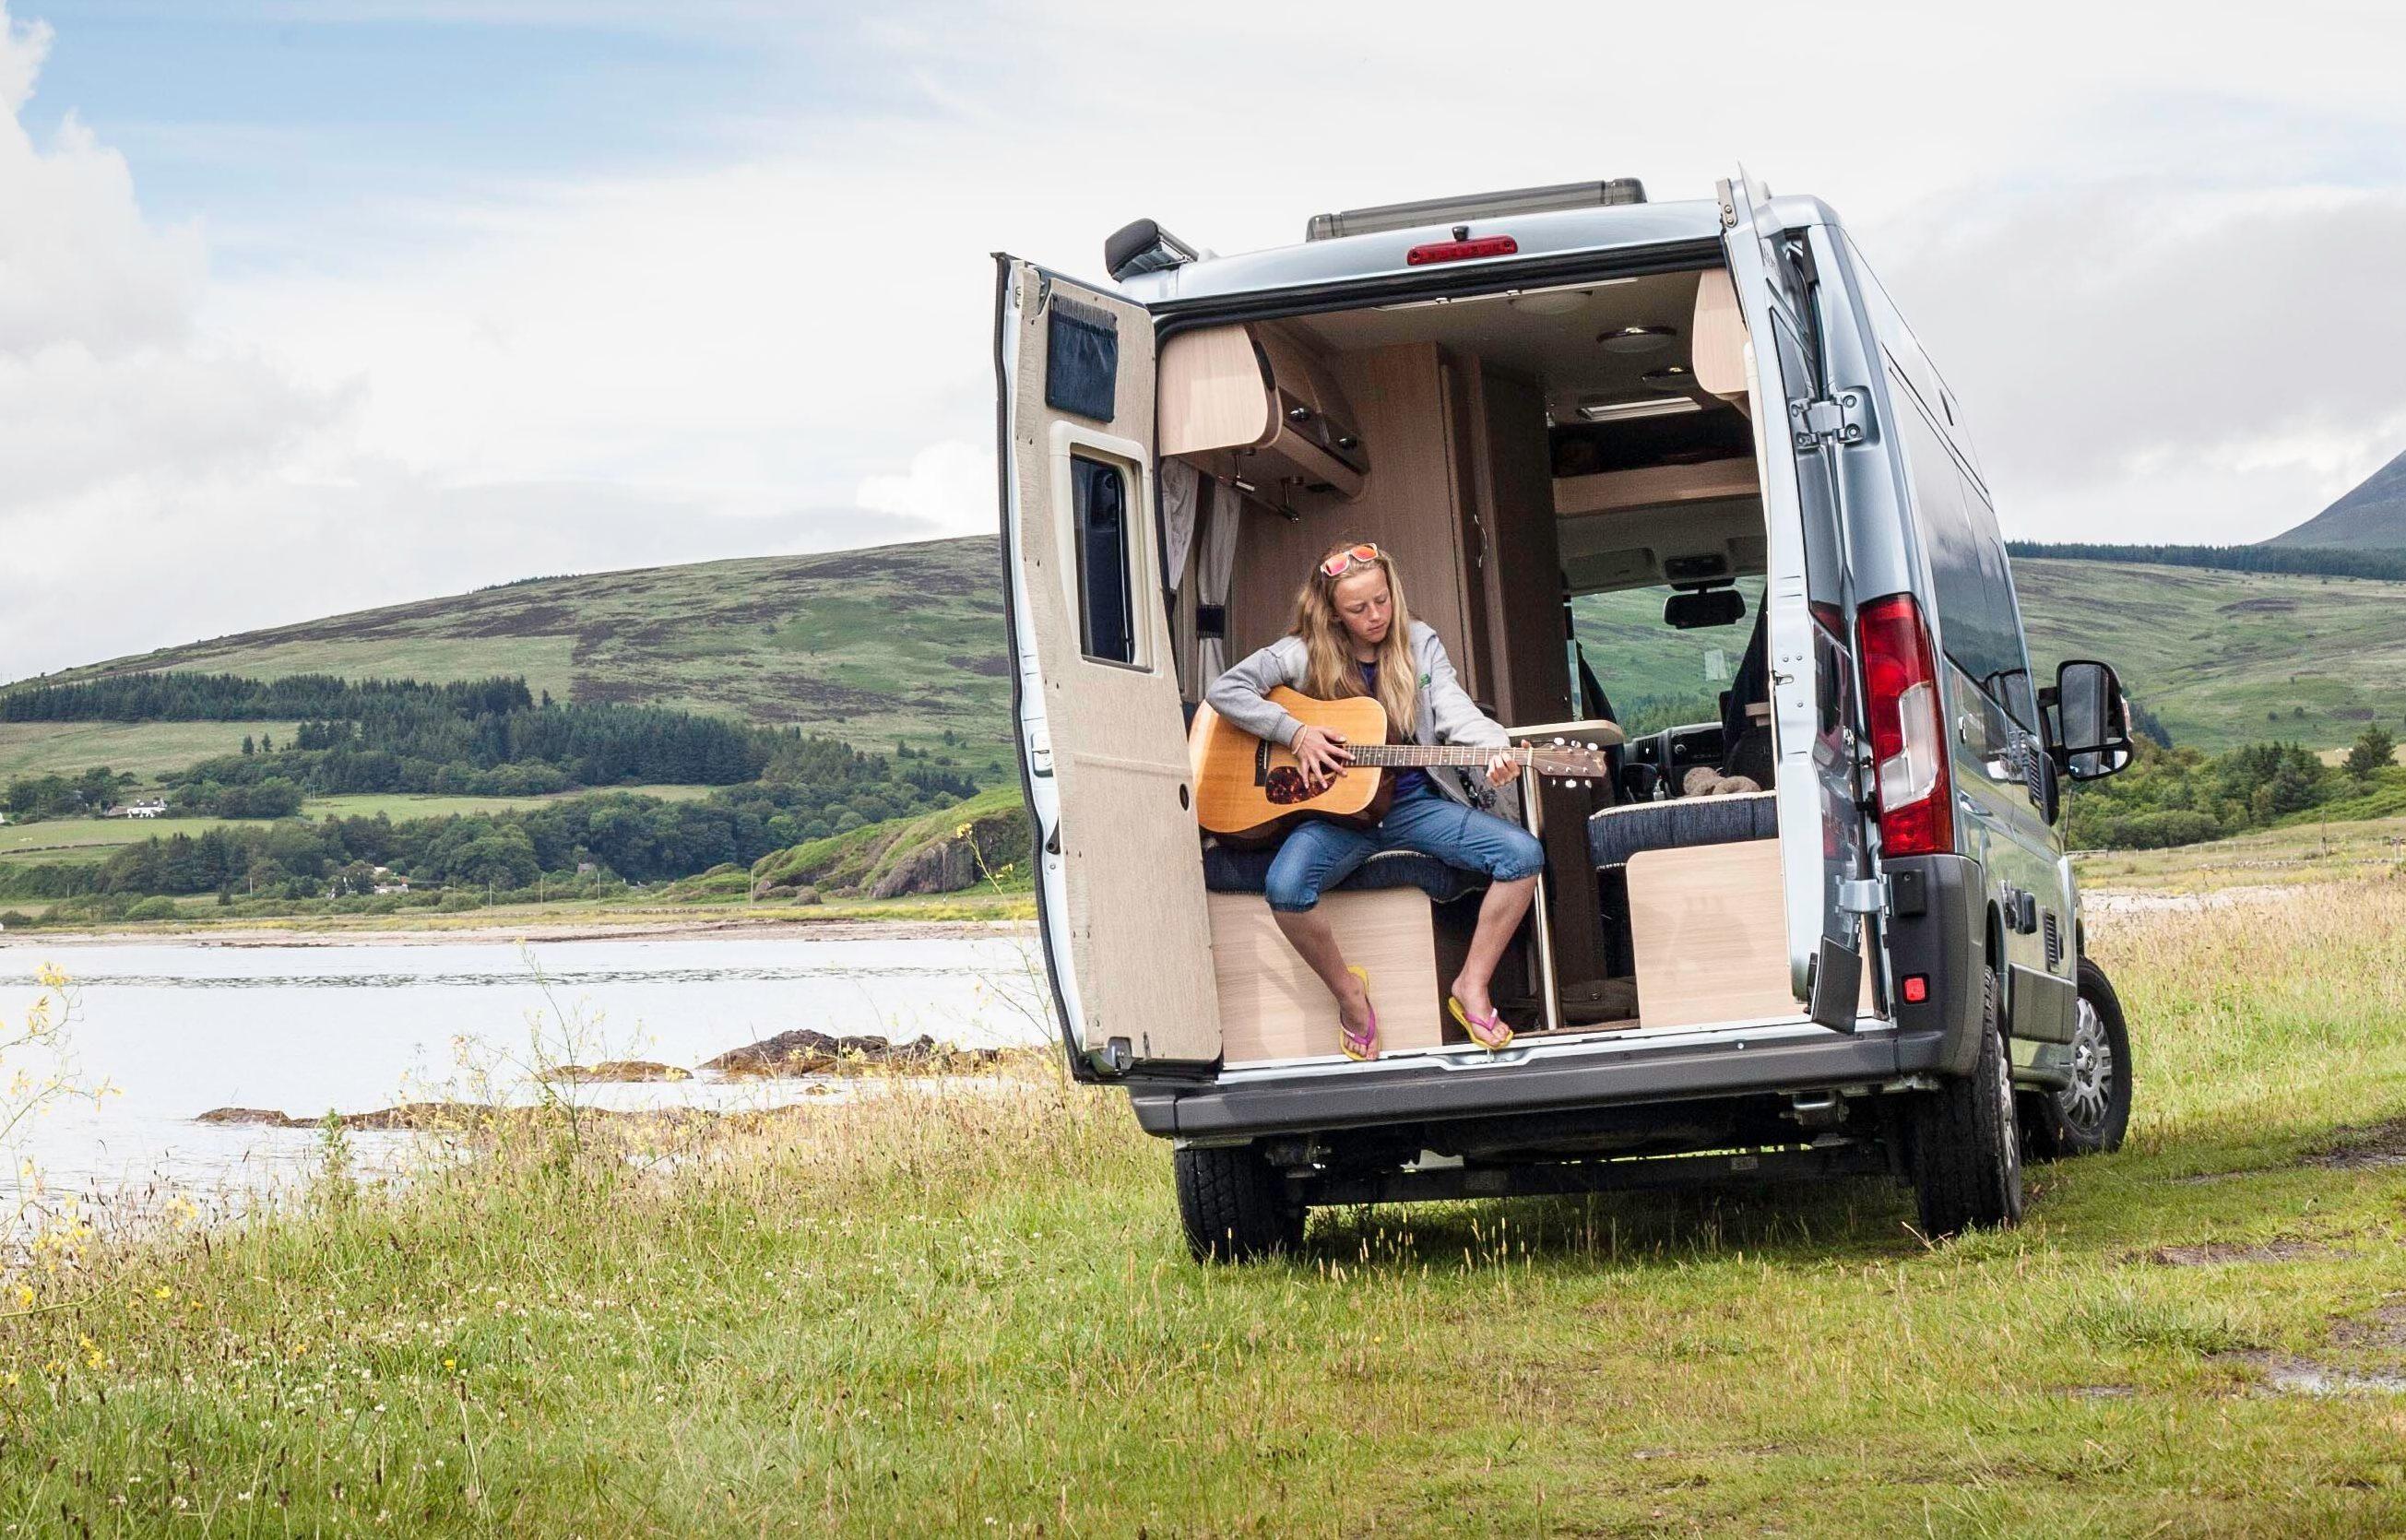 Sights, van, man: A happy camper's tour of Scotland